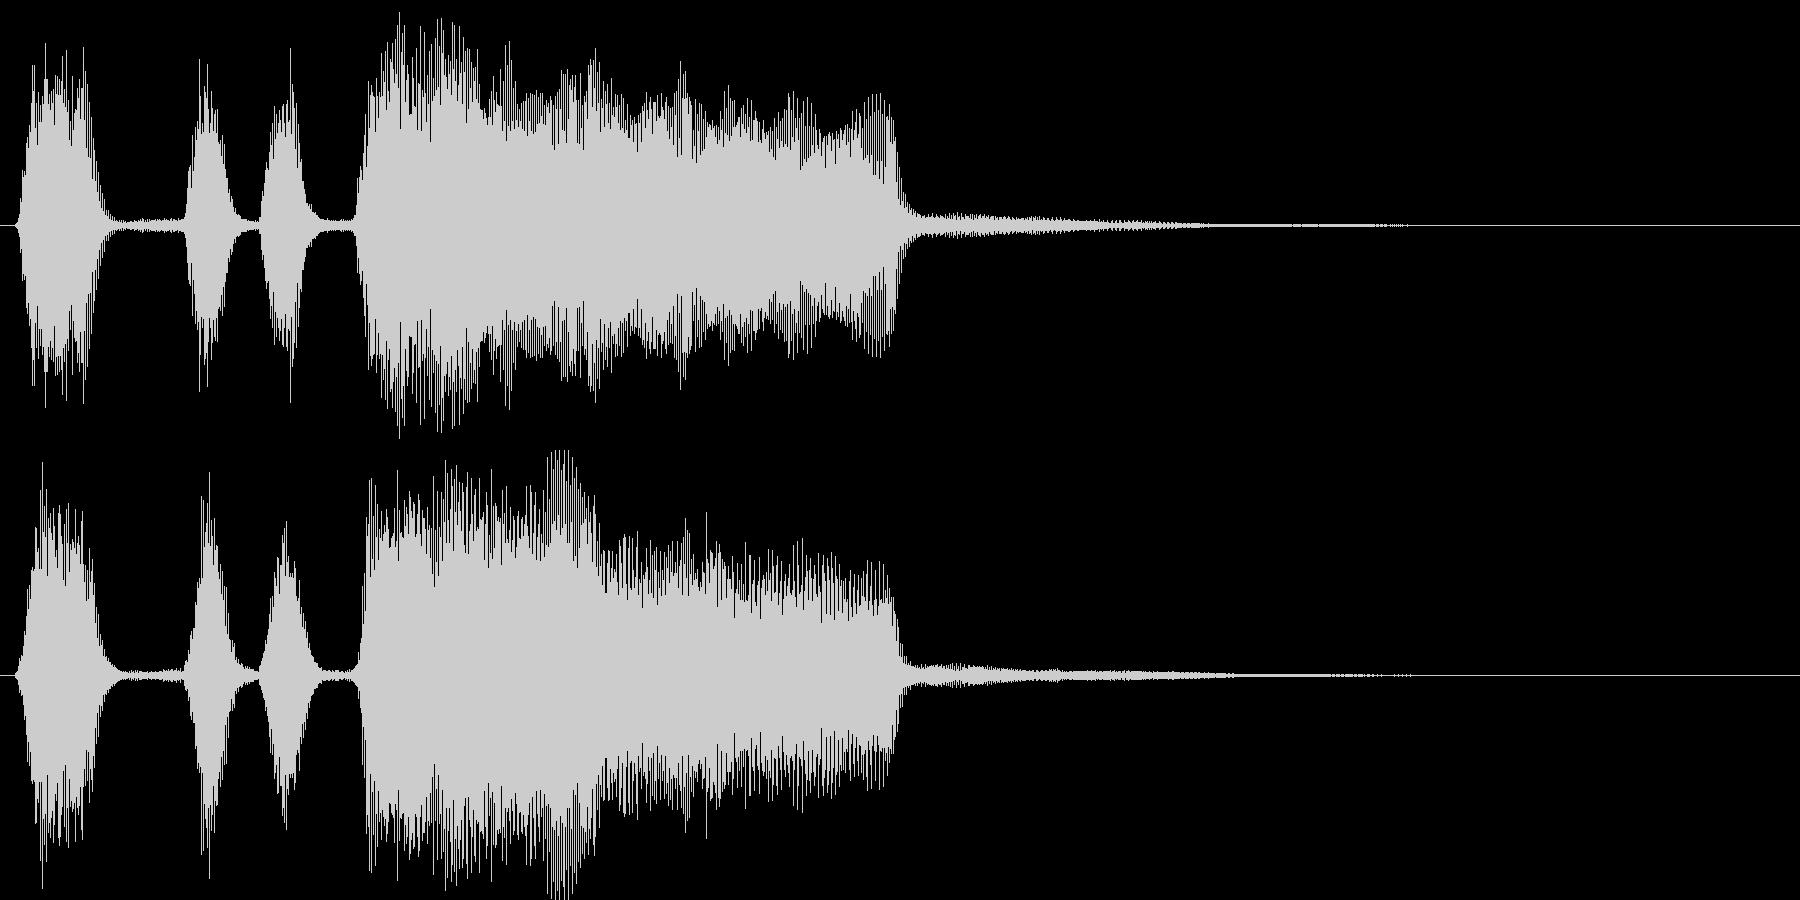 パンパカパーン(シンプルファンファーレ)の未再生の波形